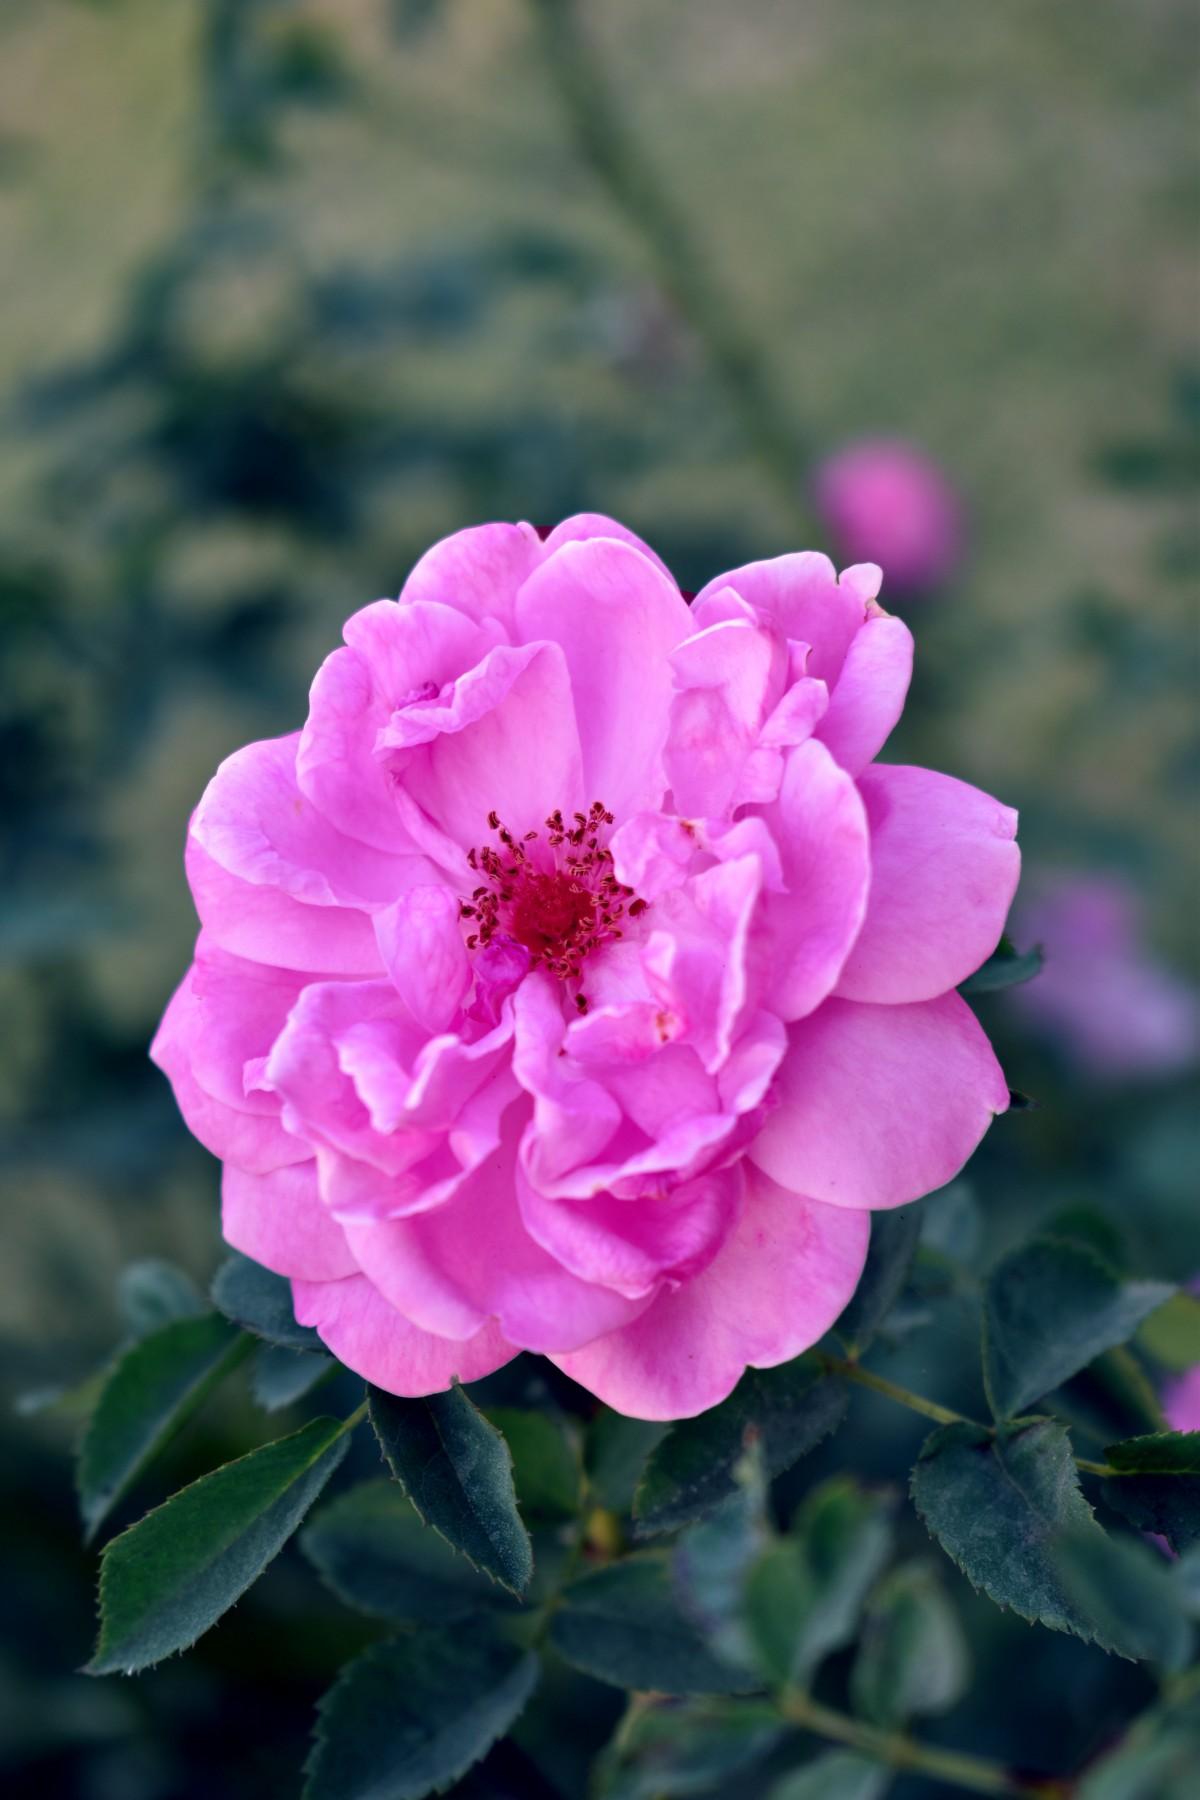 alam mekar menanam bunga daun bunga Bunga